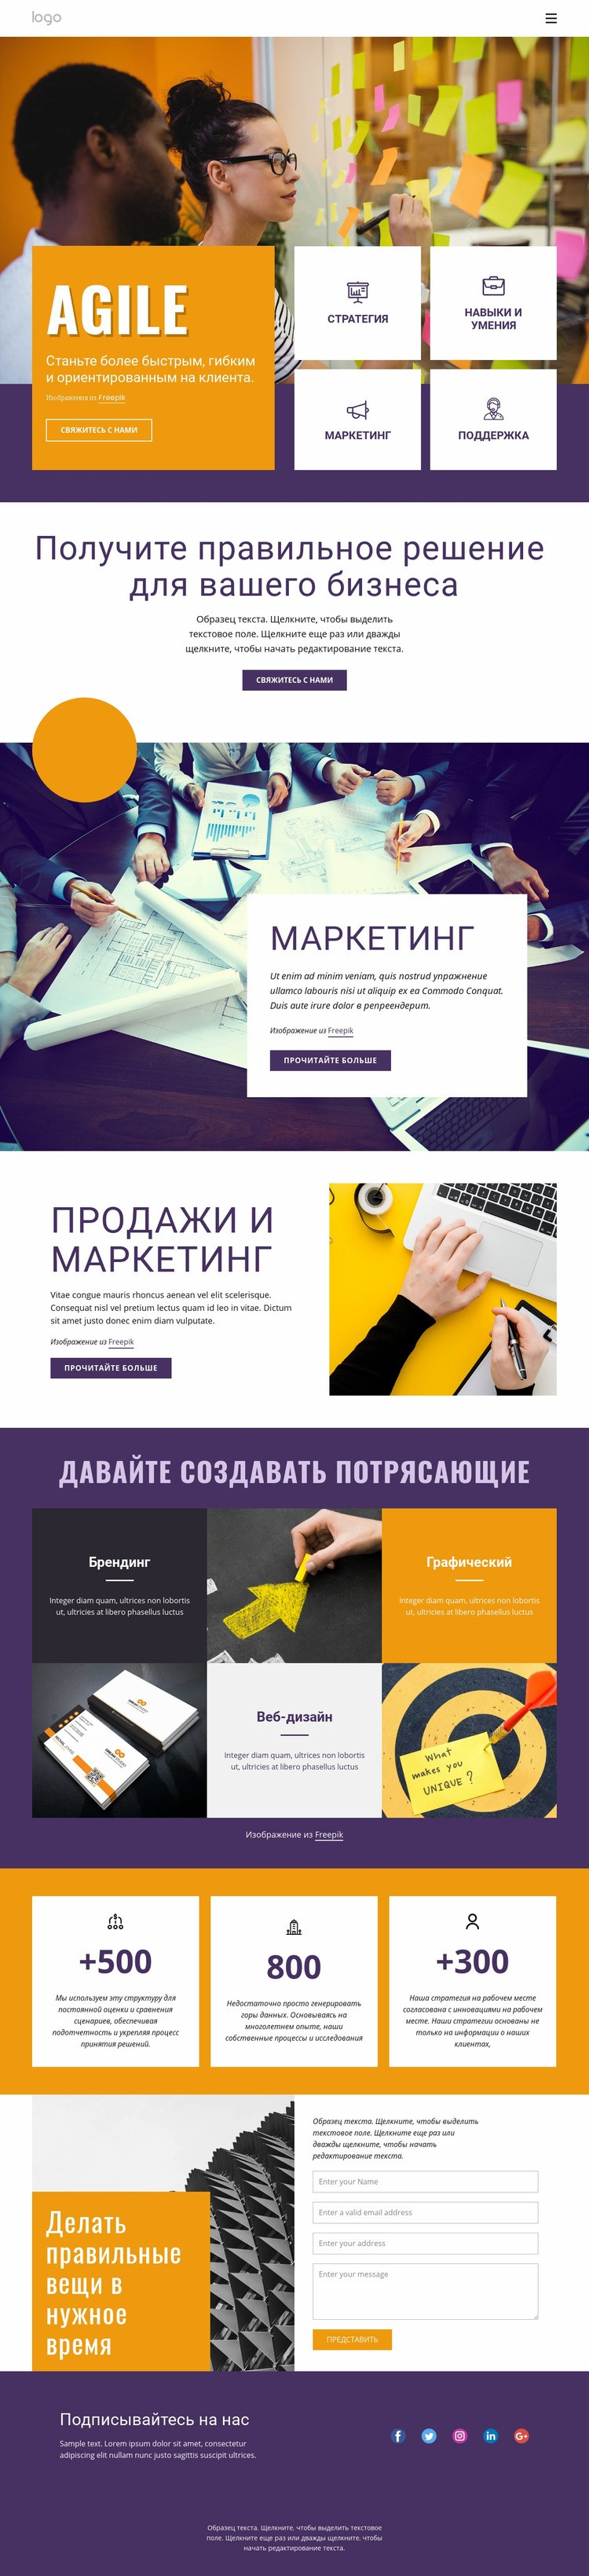 ИТ бизнес услуги Шаблон веб-сайта